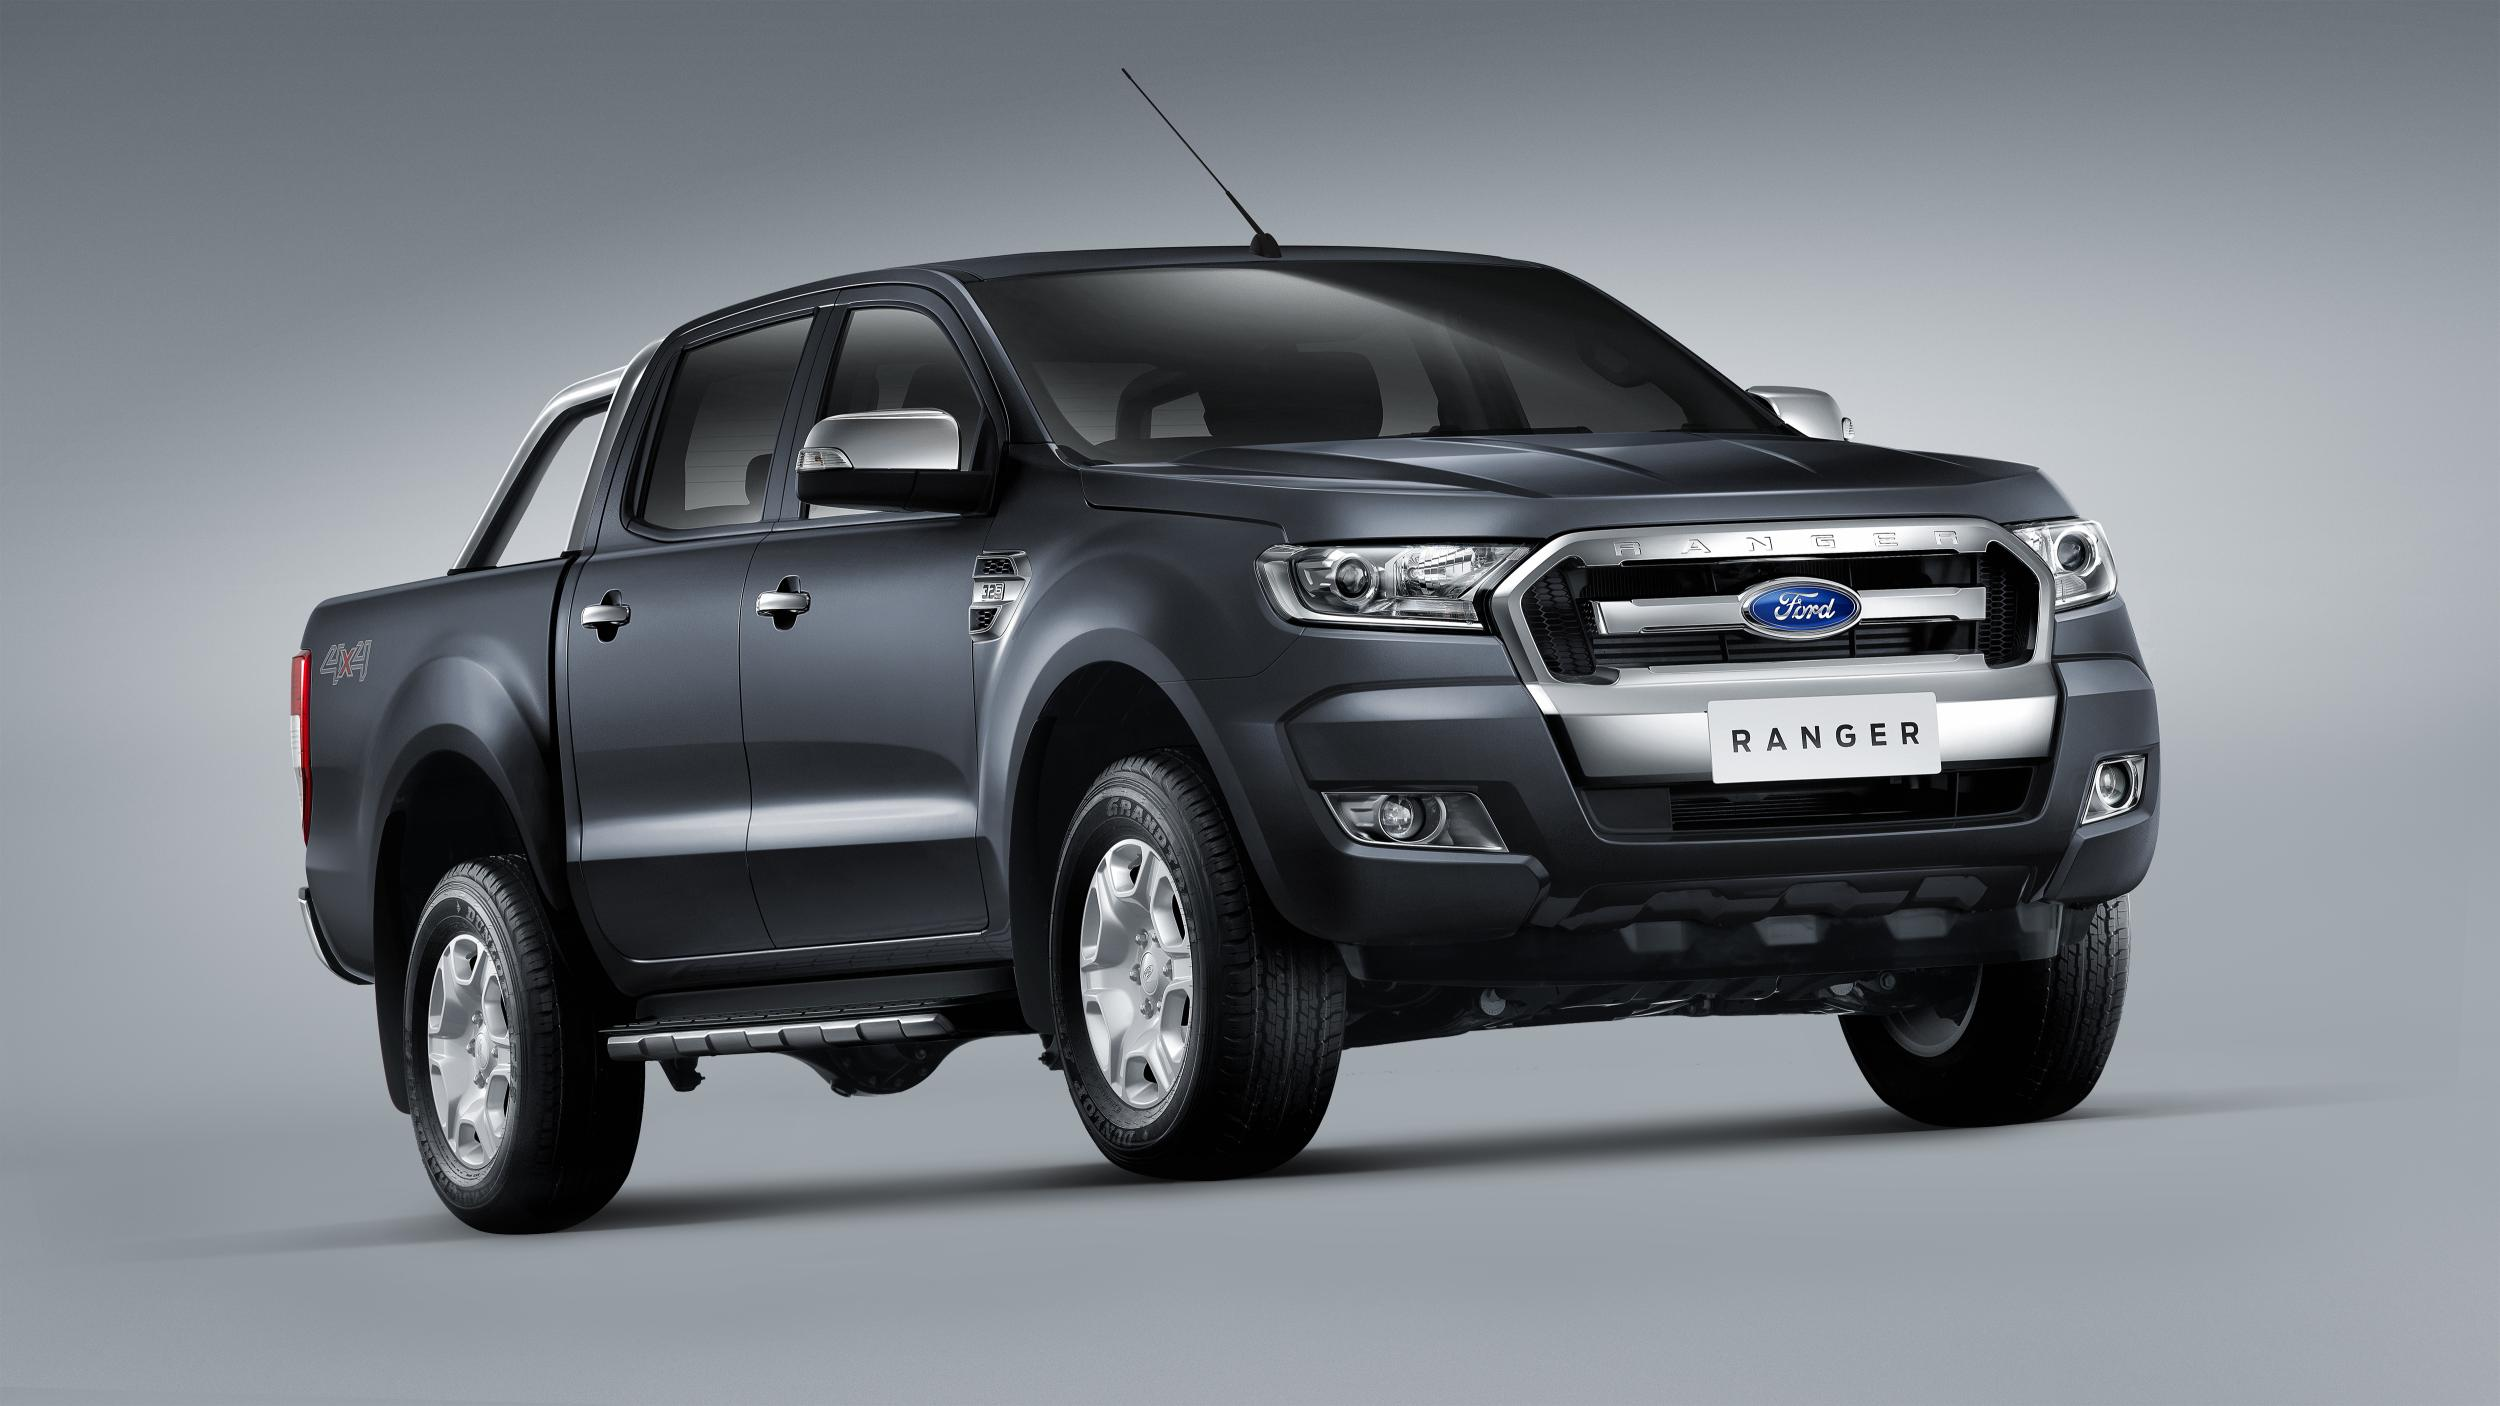 Ford svela il nuovo Ranger